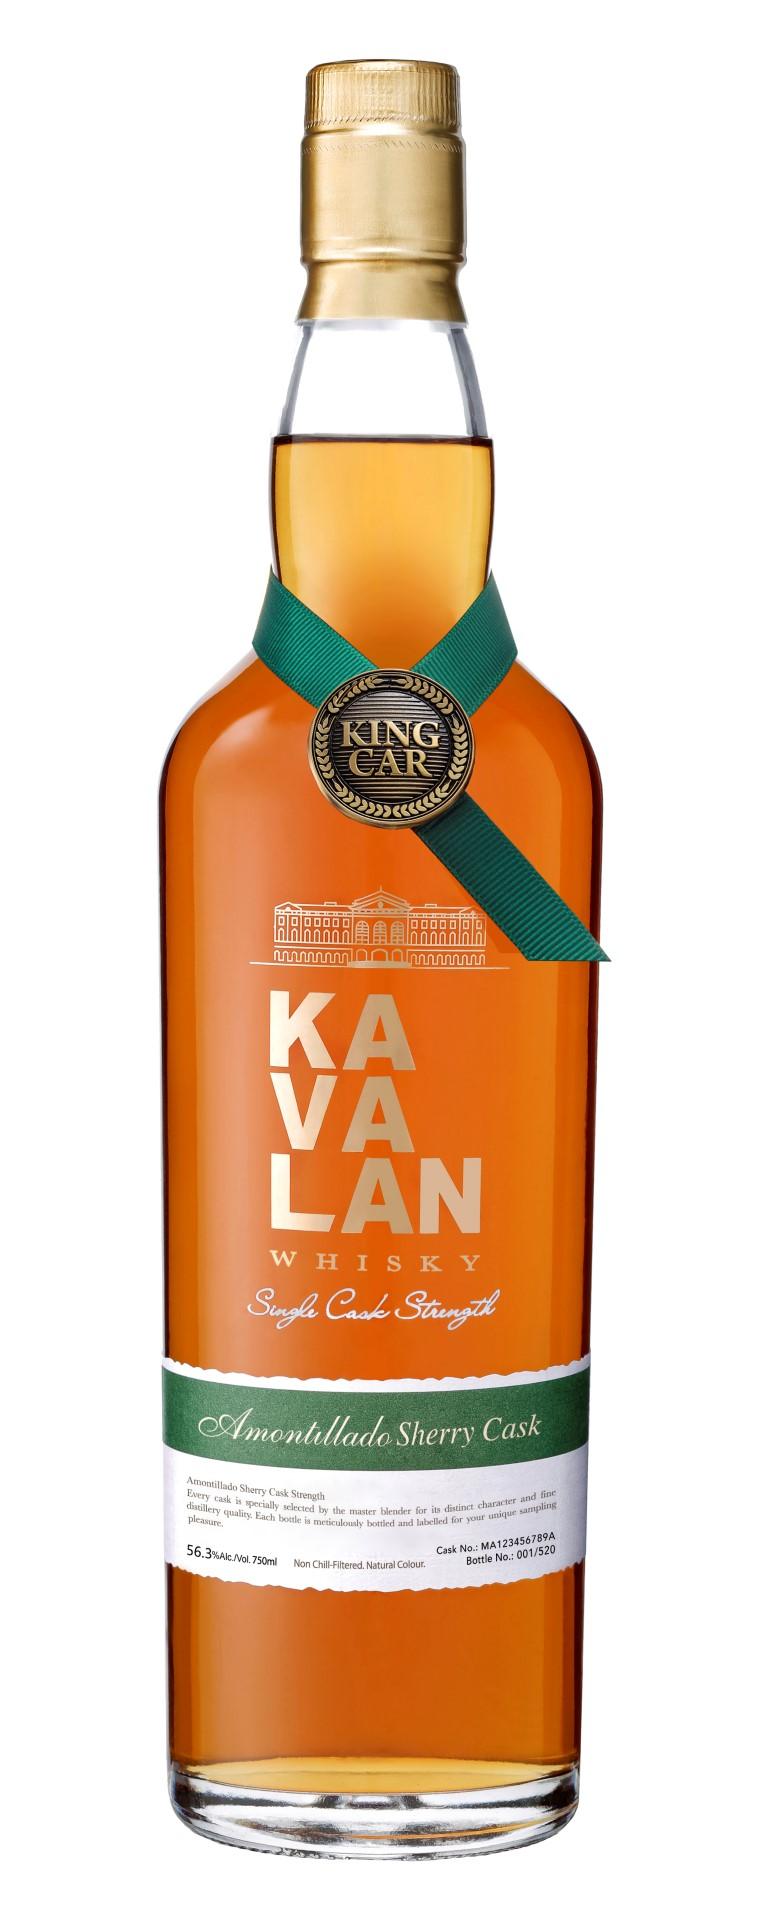 Kavalan Amontillado Sherry Cask Single Malt Whisky